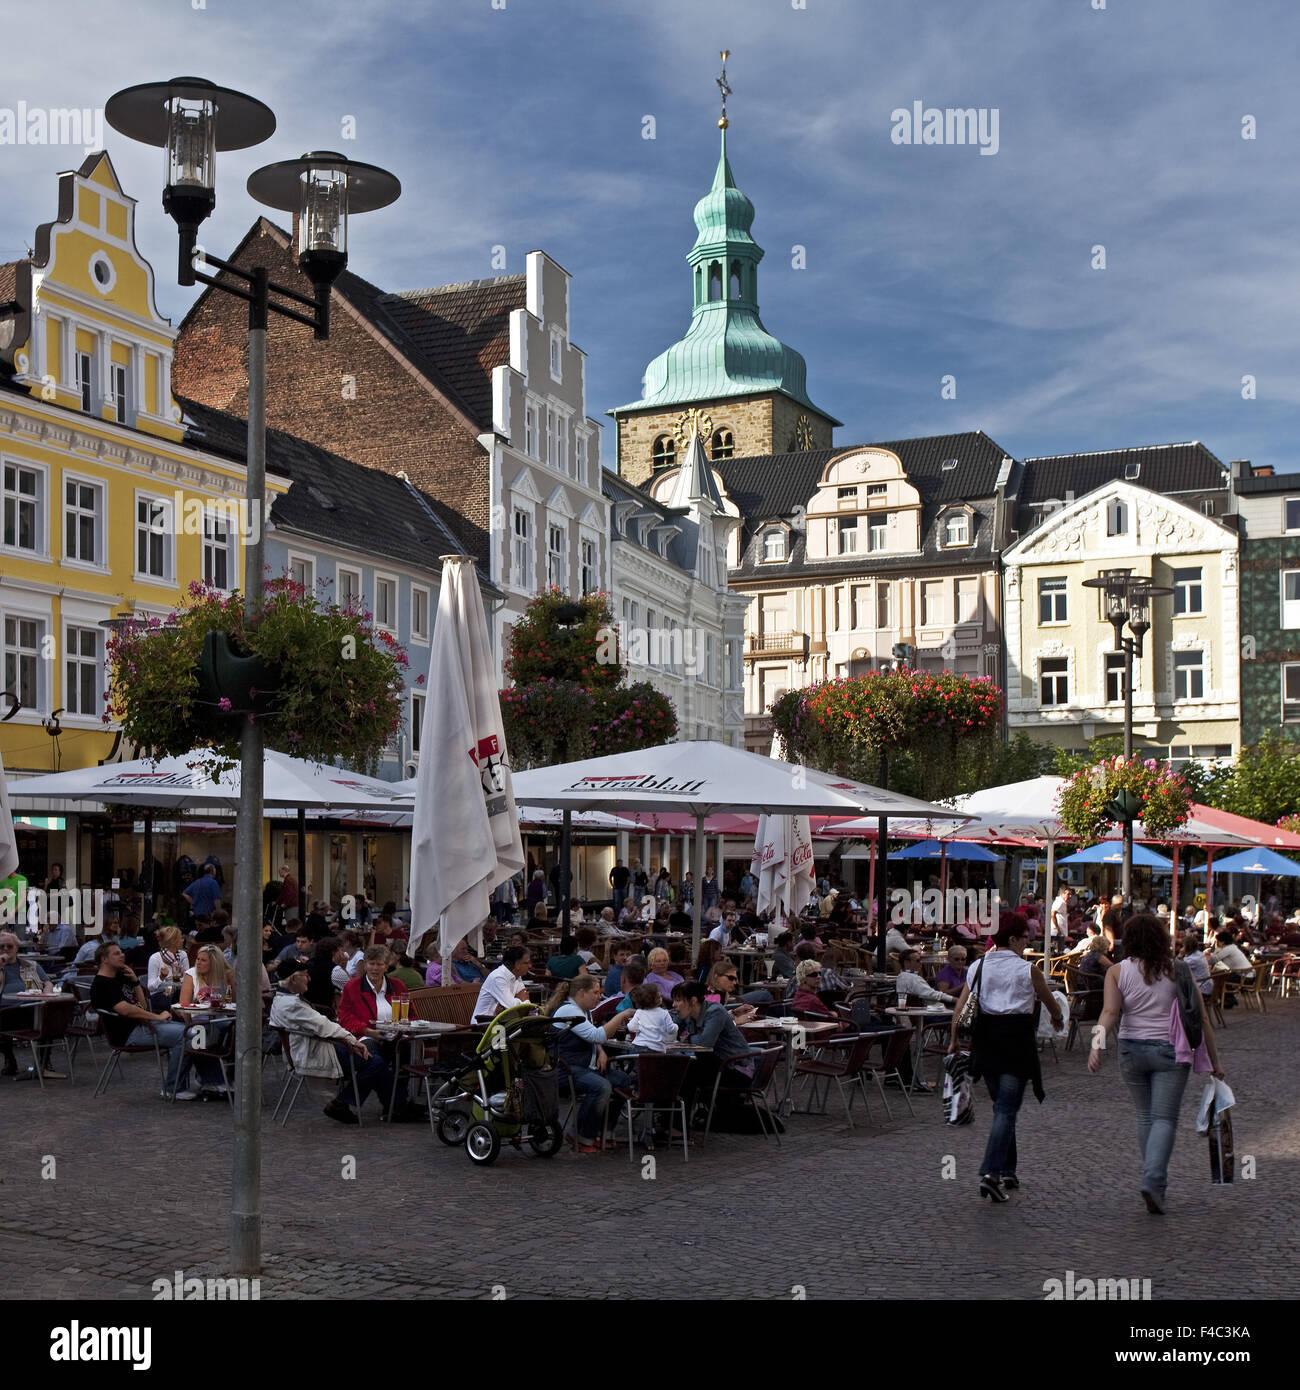 altstadt markt recklinghausen deutschland stockfoto bild 88776782 alamy. Black Bedroom Furniture Sets. Home Design Ideas